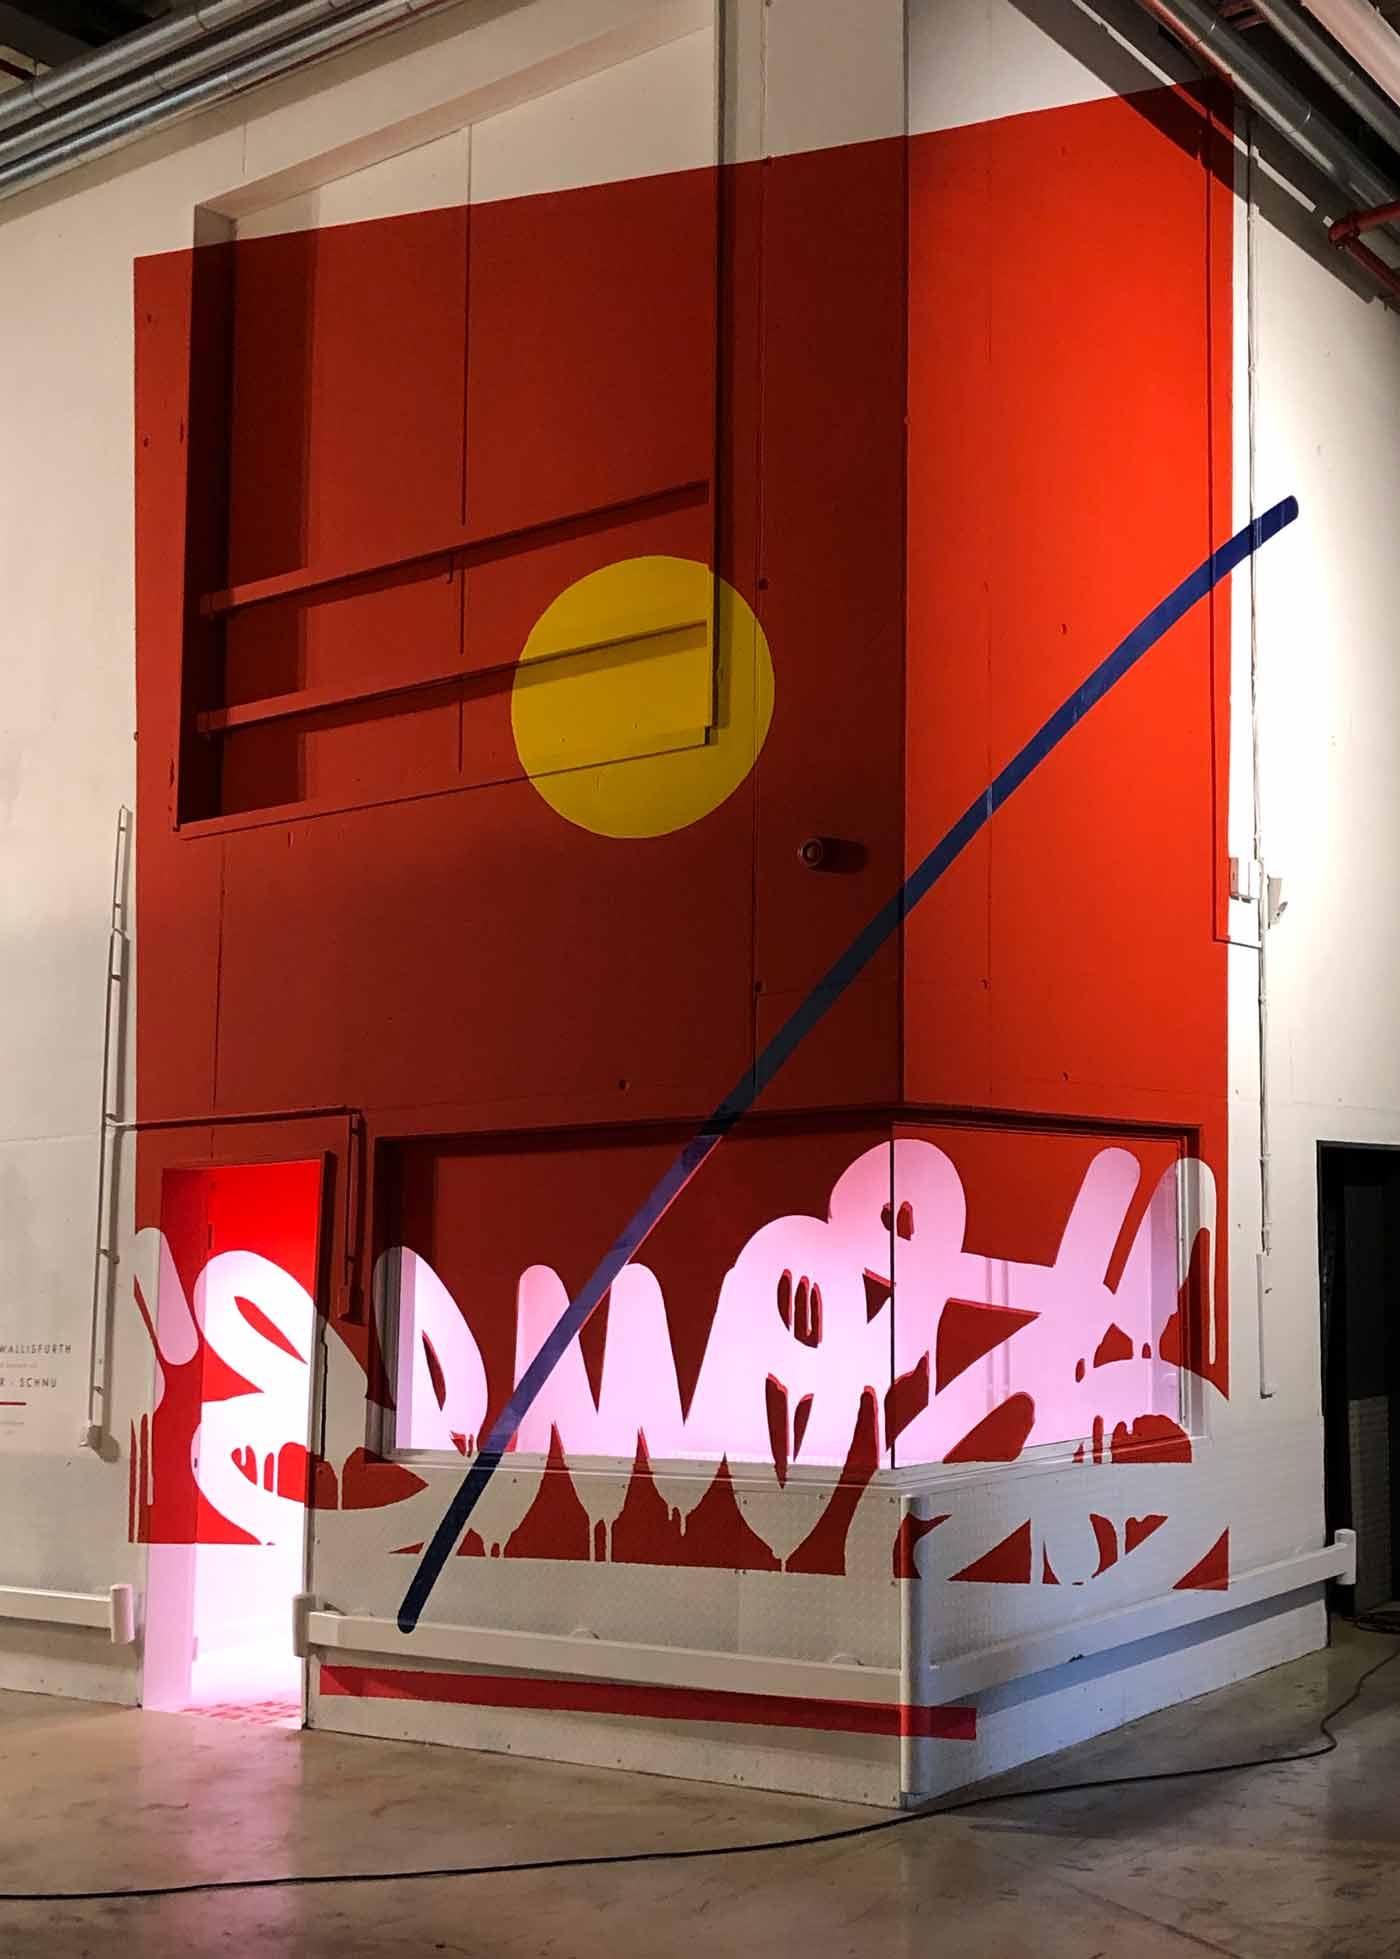 Knallrote Wandkunst über eine Ecke